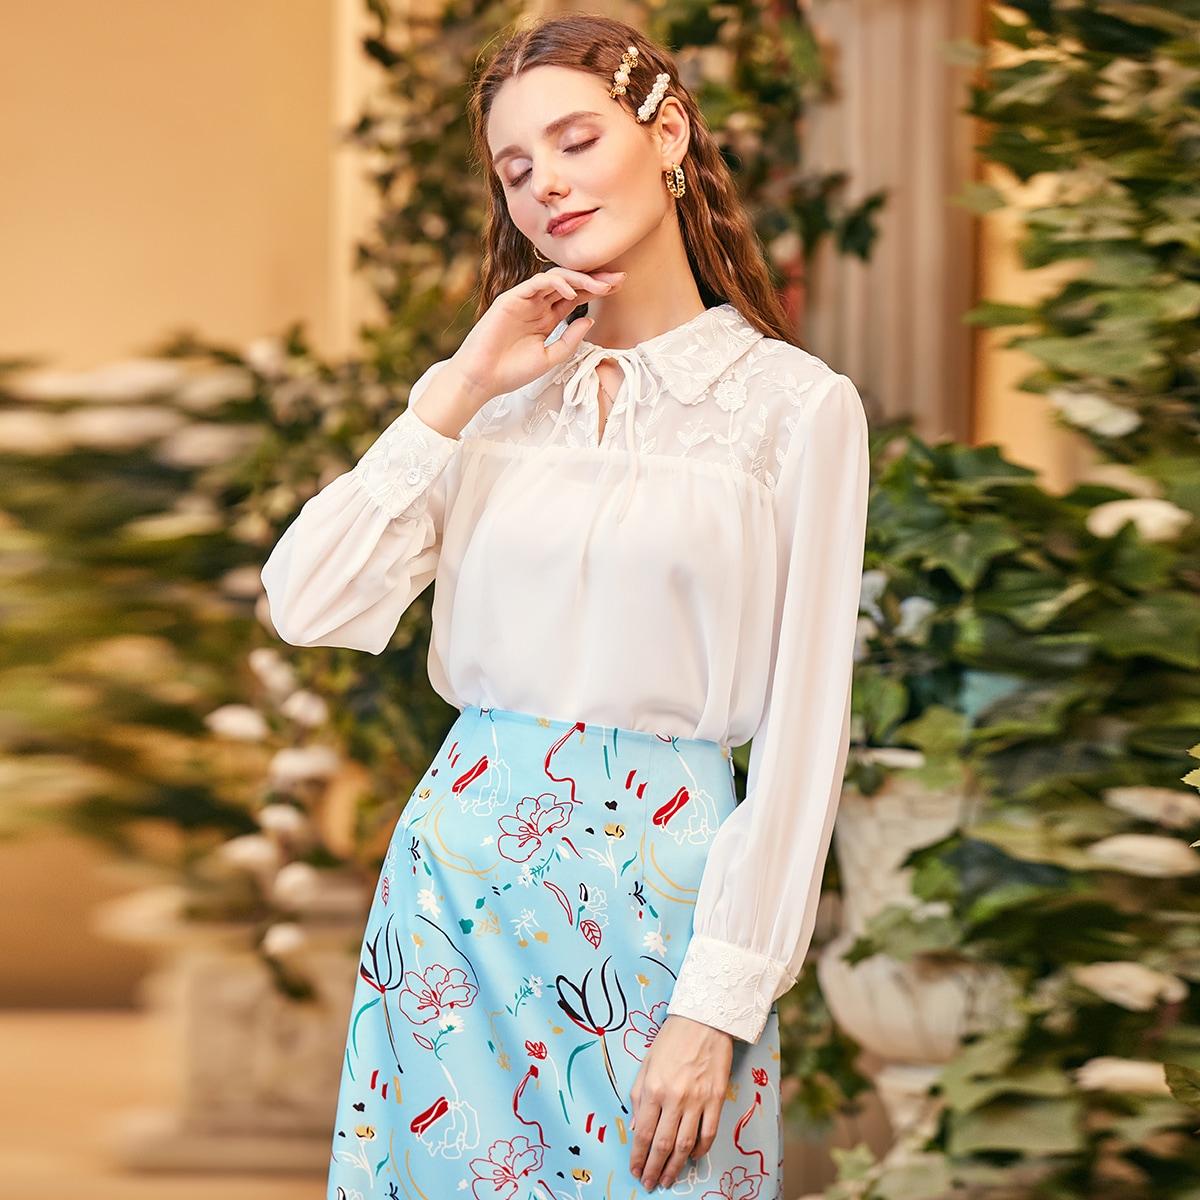 SHEIN / Bluse mit Stickereien, Netzeinsatz und Halsband